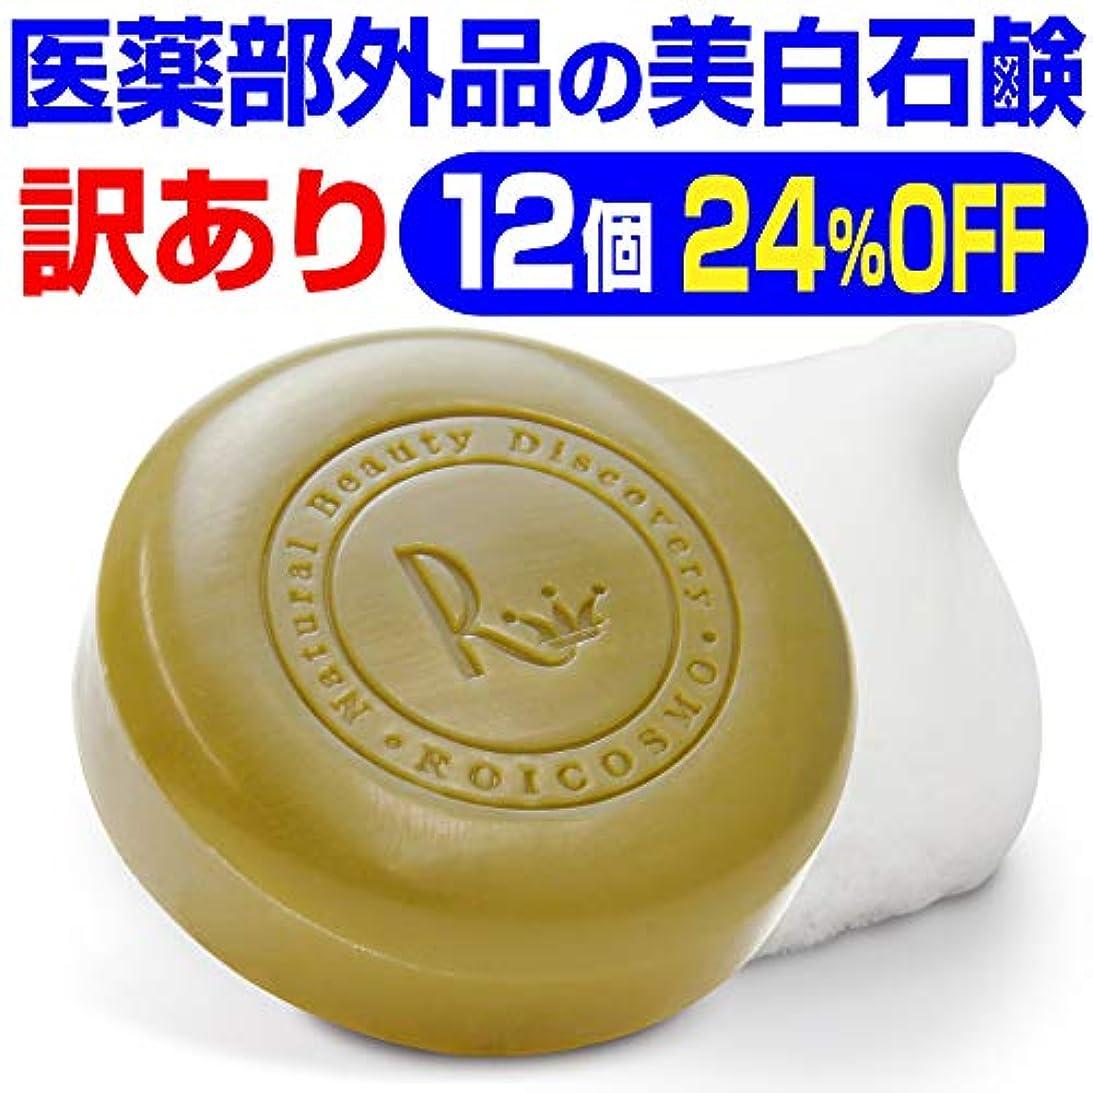 小人テーマ芸術訳あり24%OFF(1個2,036円)売切れ御免 ビタミンC270倍の美白成分の 洗顔石鹸『ホワイトソープ100g×12個』